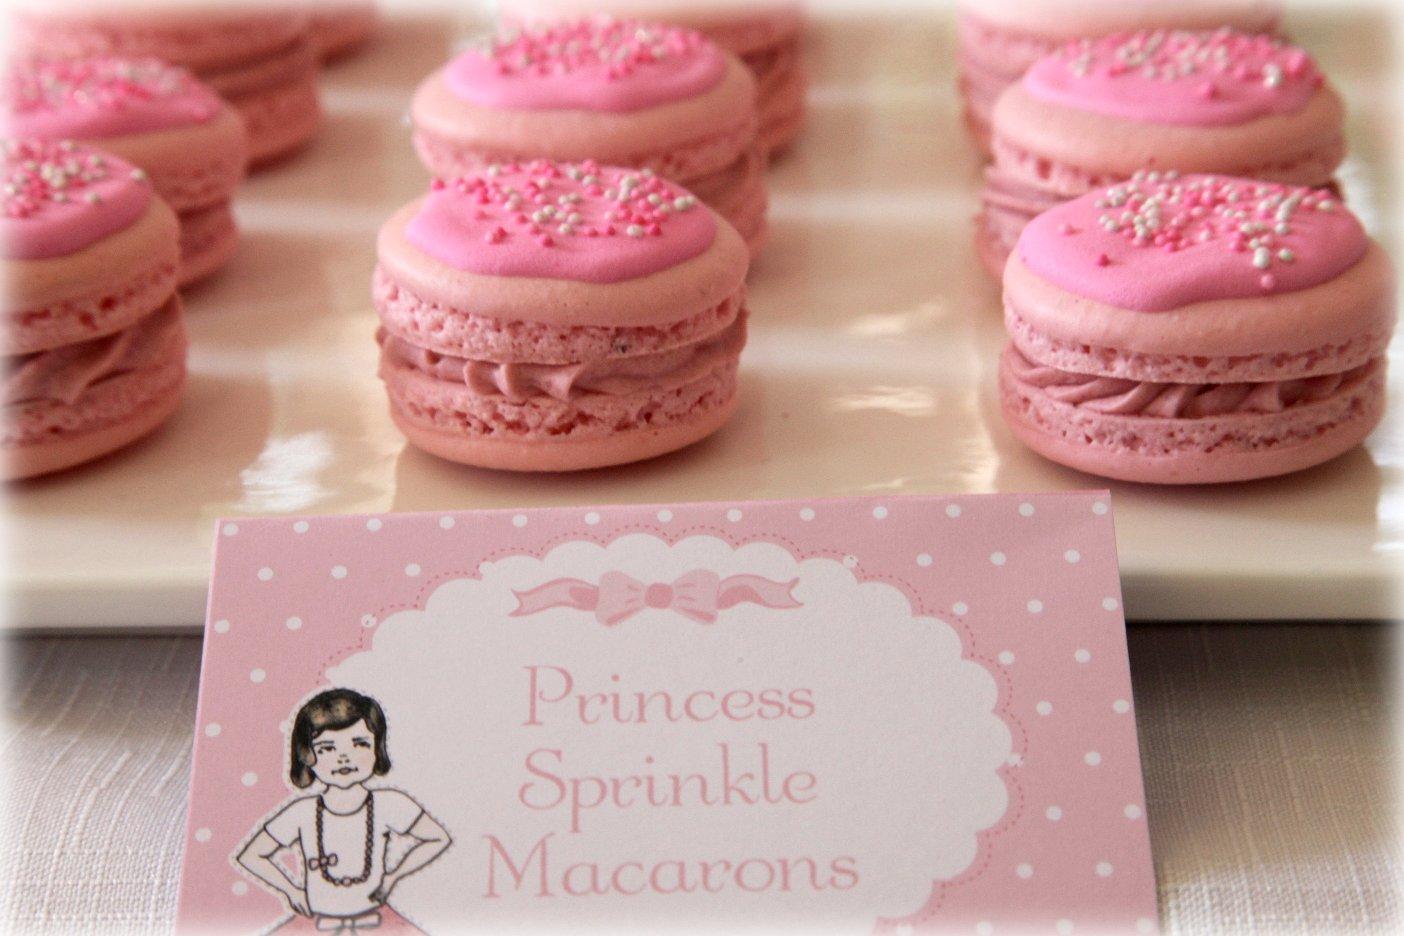 http://1.bp.blogspot.com/-vK-wj687eKU/TnuSvdS8DII/AAAAAAAAC7c/jhZ73ub6Q44/s1600/Princess+Sprinkle+Macarons+Sophies+Paper+Doll+Princess+Party.jpg